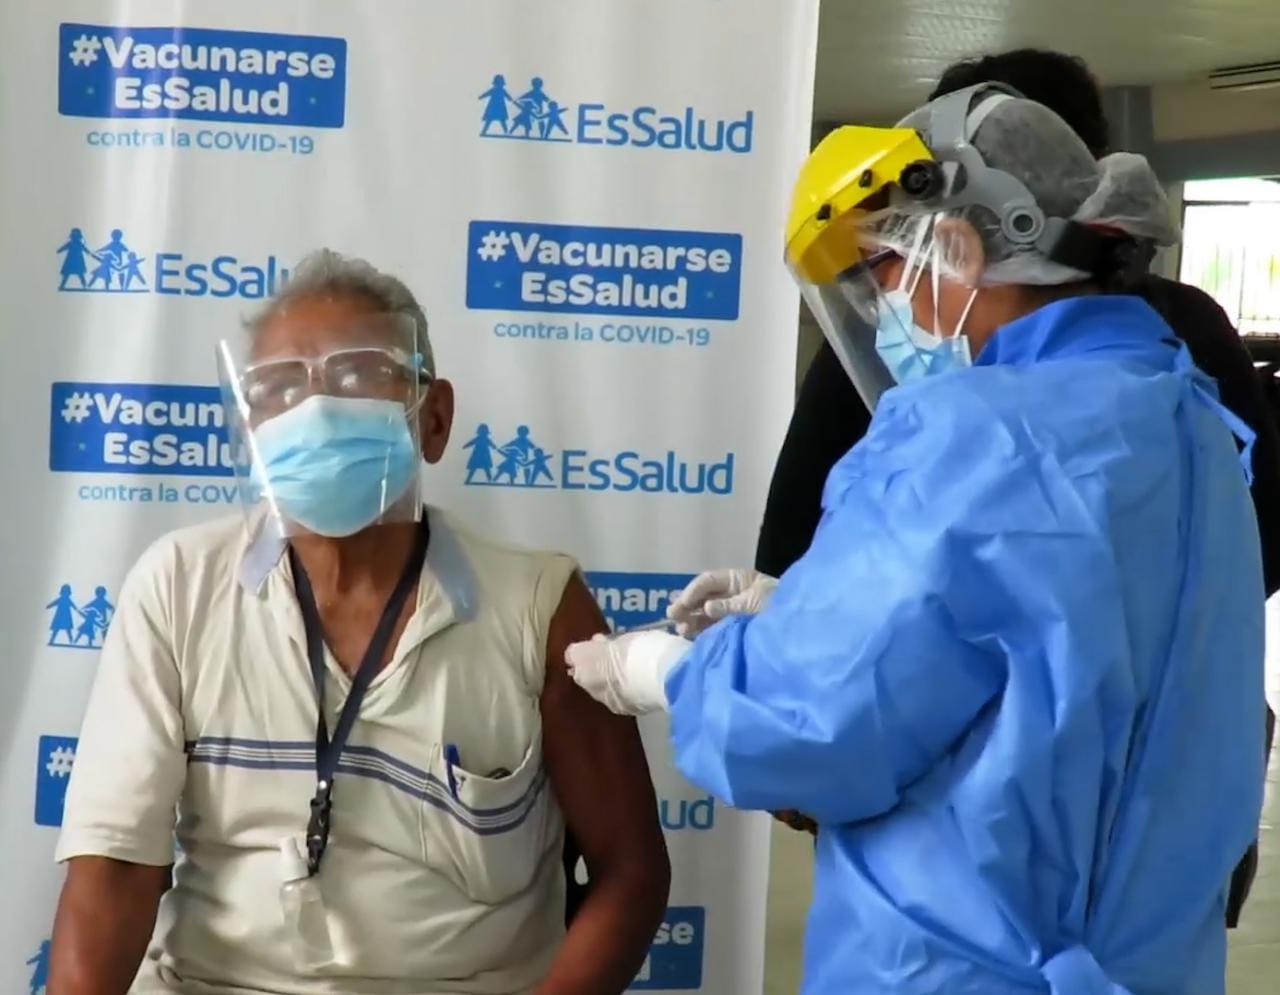 Essalud - Adultos mayores tumbesinos dedican tradicionales versos de la zona al personal de EsSalud tras recibir vacuna contra Covid-19